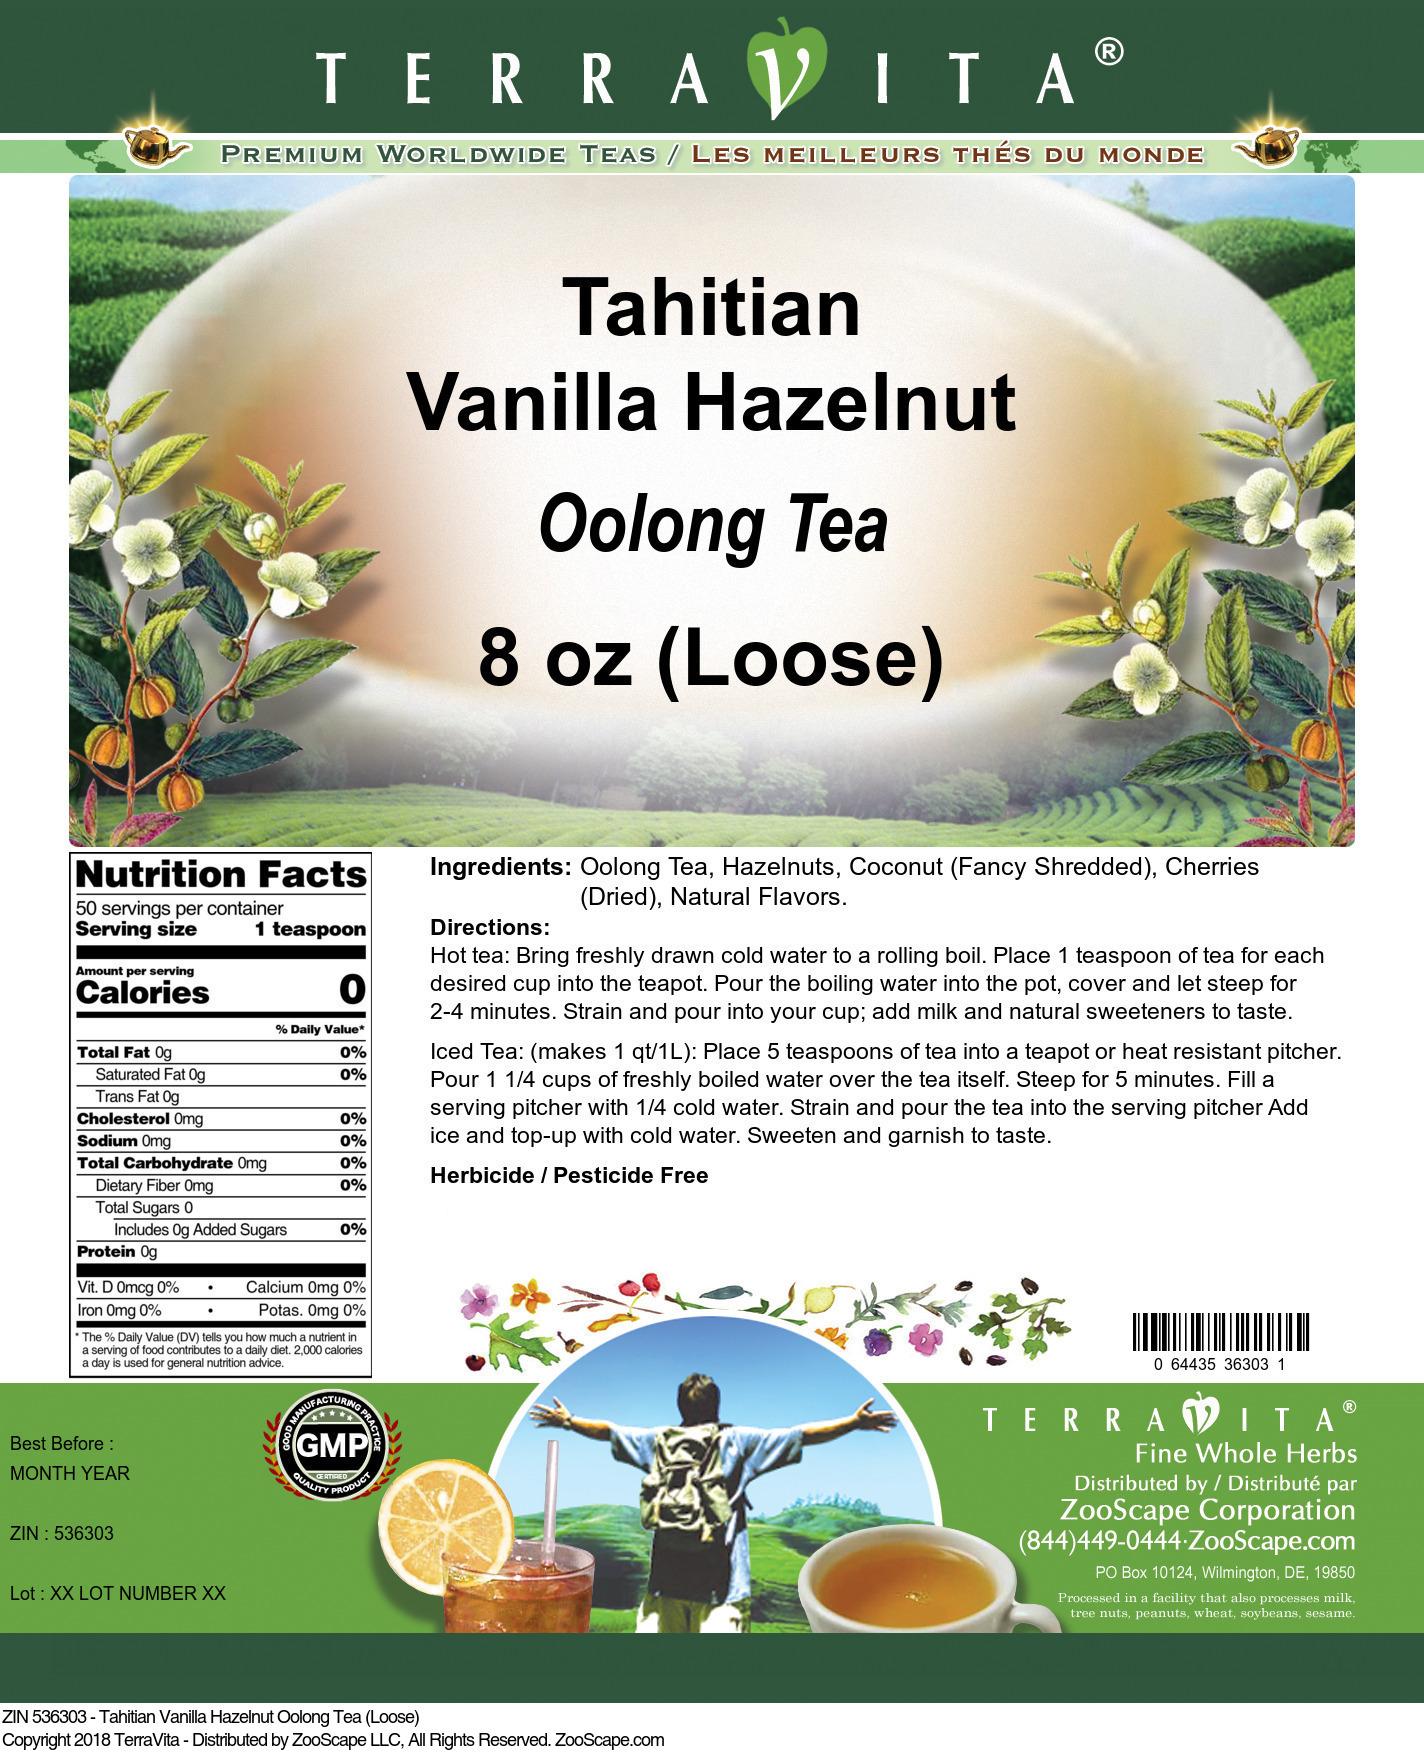 Tahitian Vanilla Hazelnut Oolong Tea